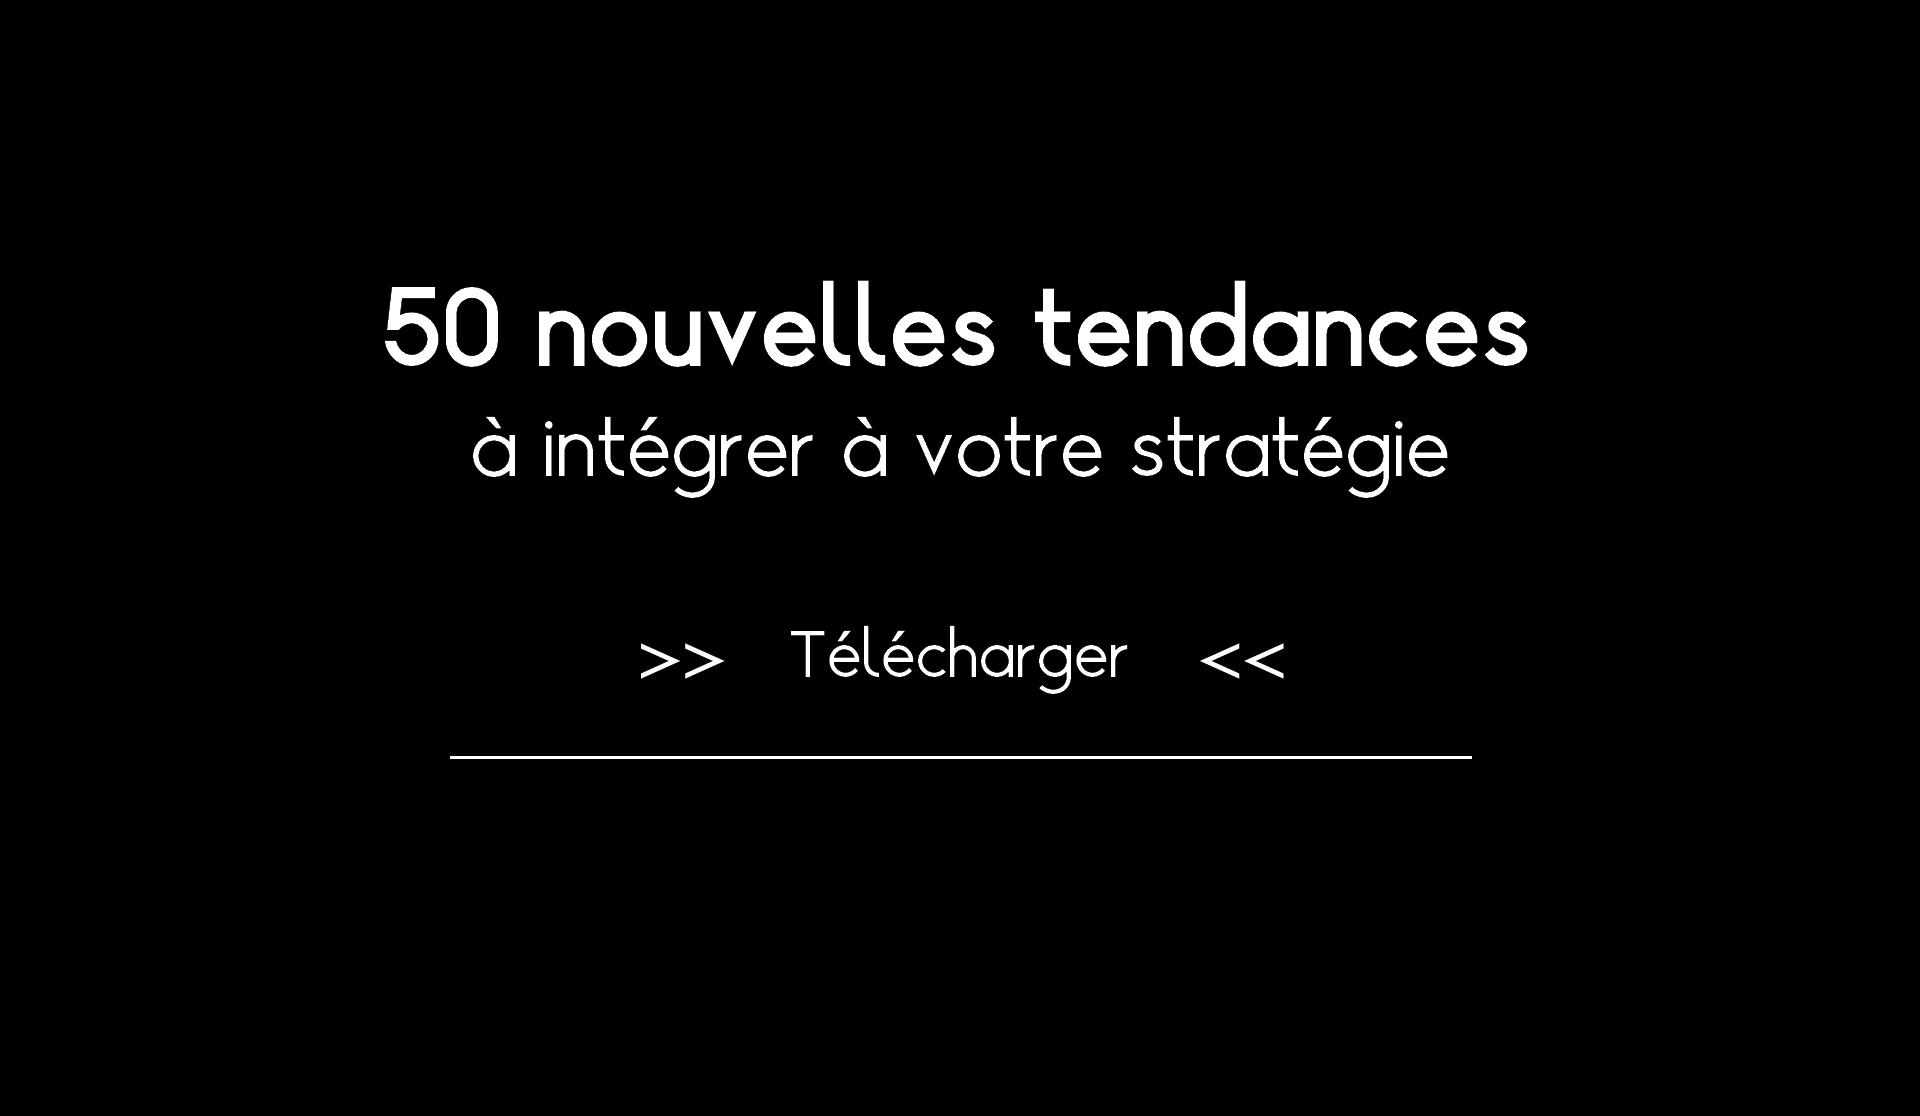 Ebook 50 nouvelles tendances